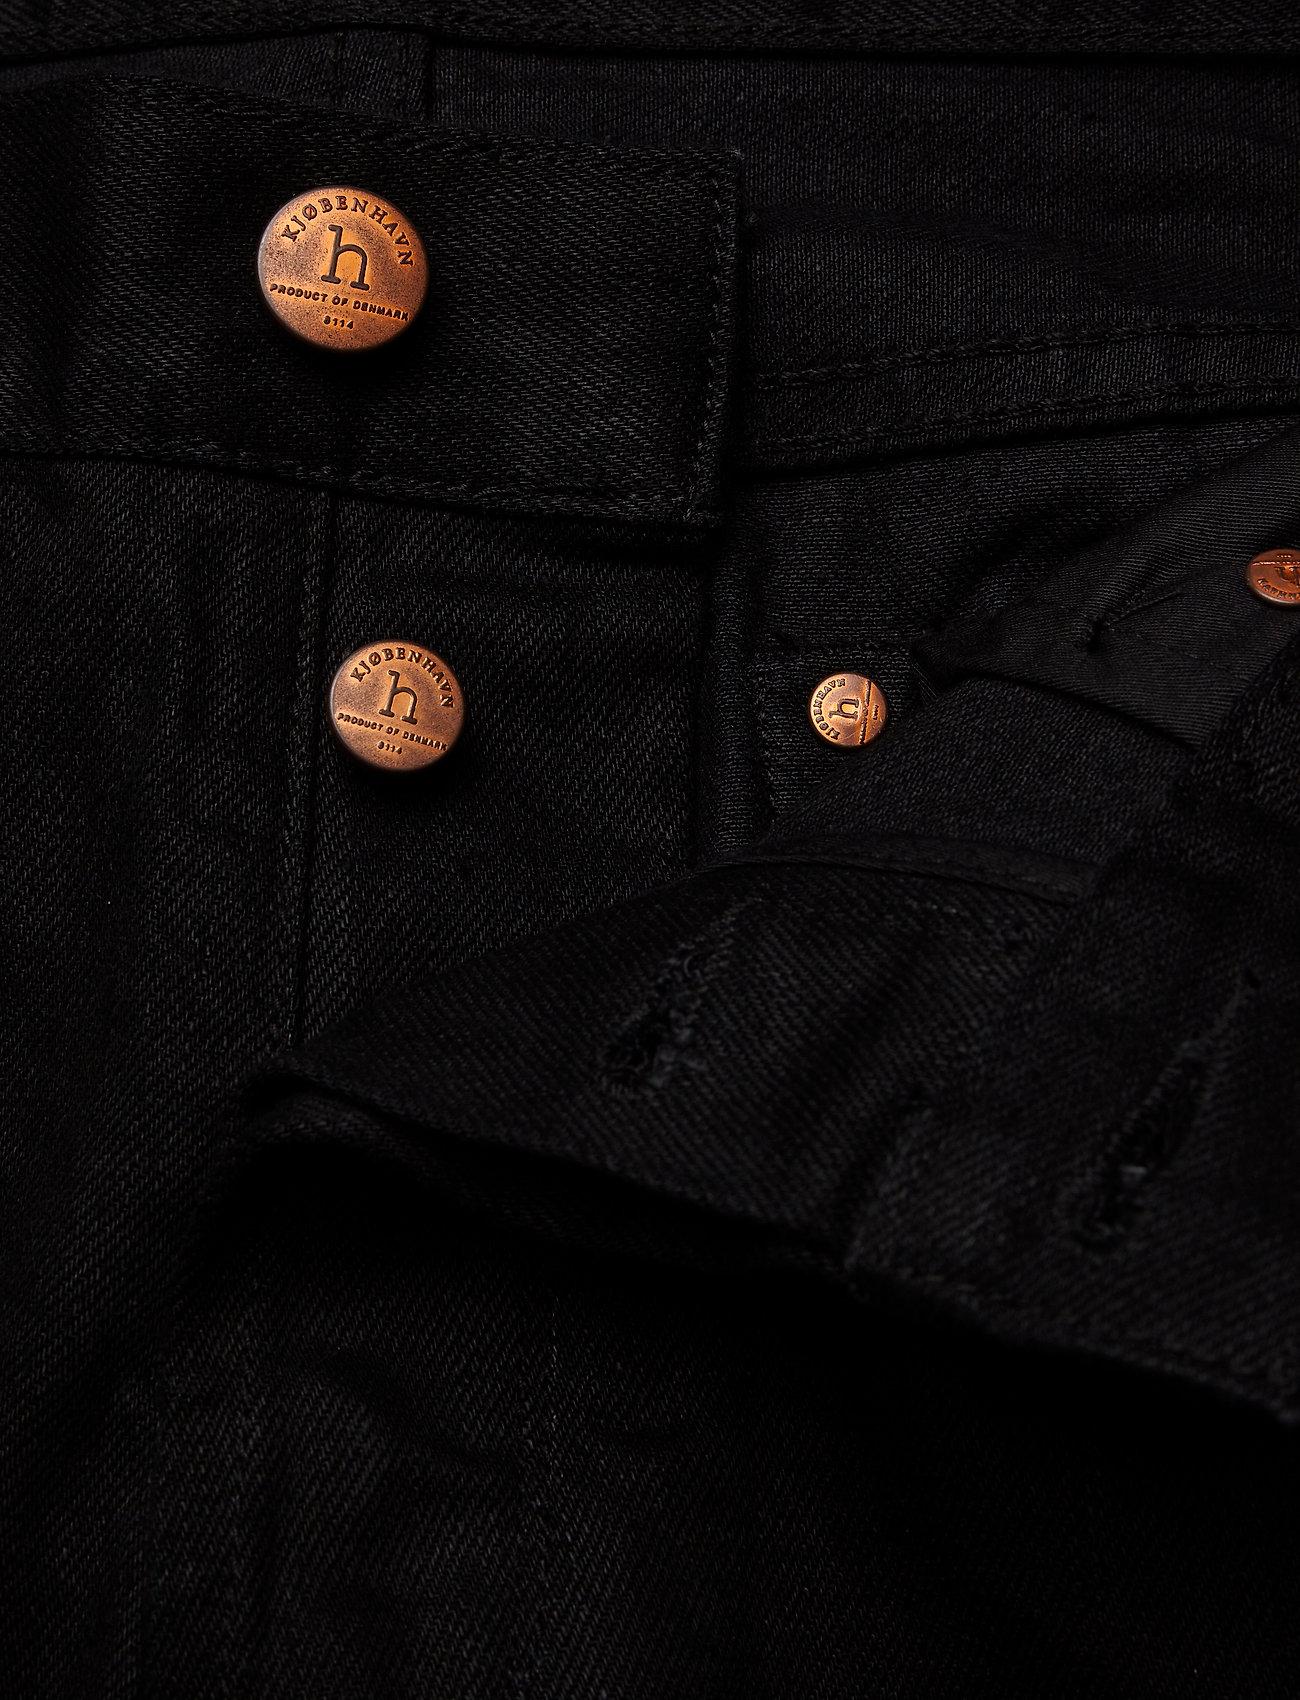 HAN Kjøbenhavn - Tapered Jeans - regular jeans - black black - 3